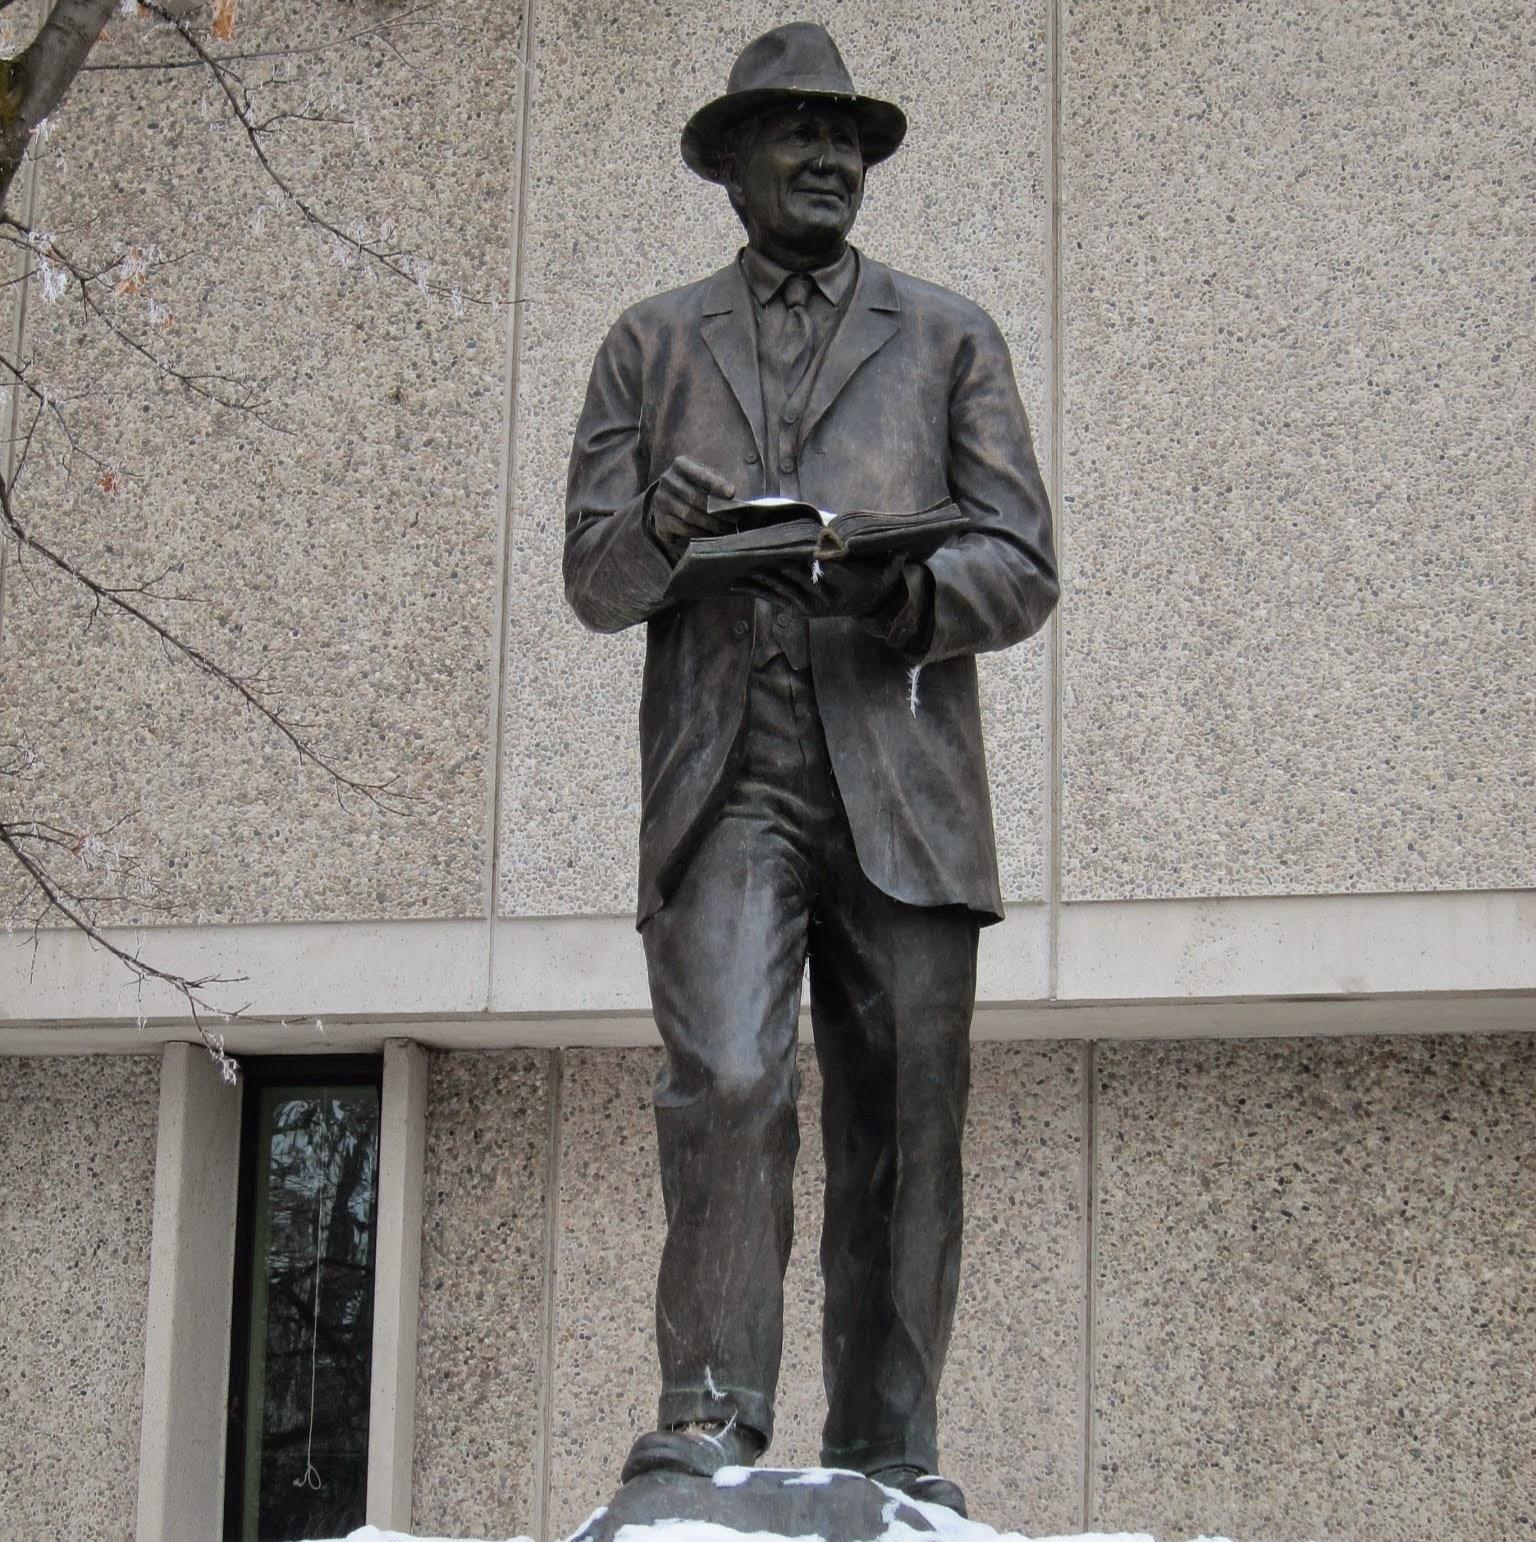 Statue of William Judson Boone